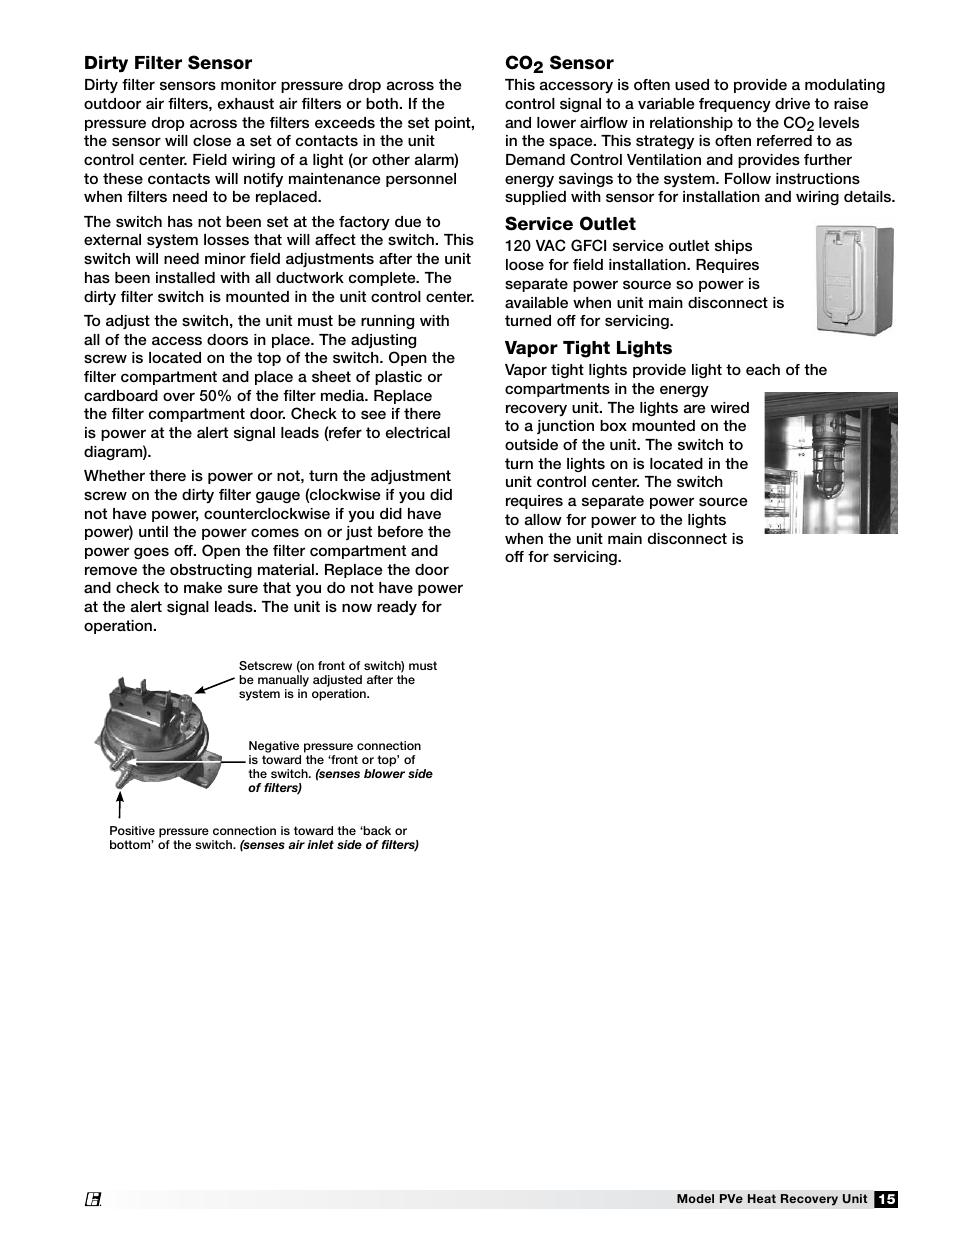 Dirty filter sensor, Sensor, Service outlet   Vapor tight lights    Greenheck Fan PVE